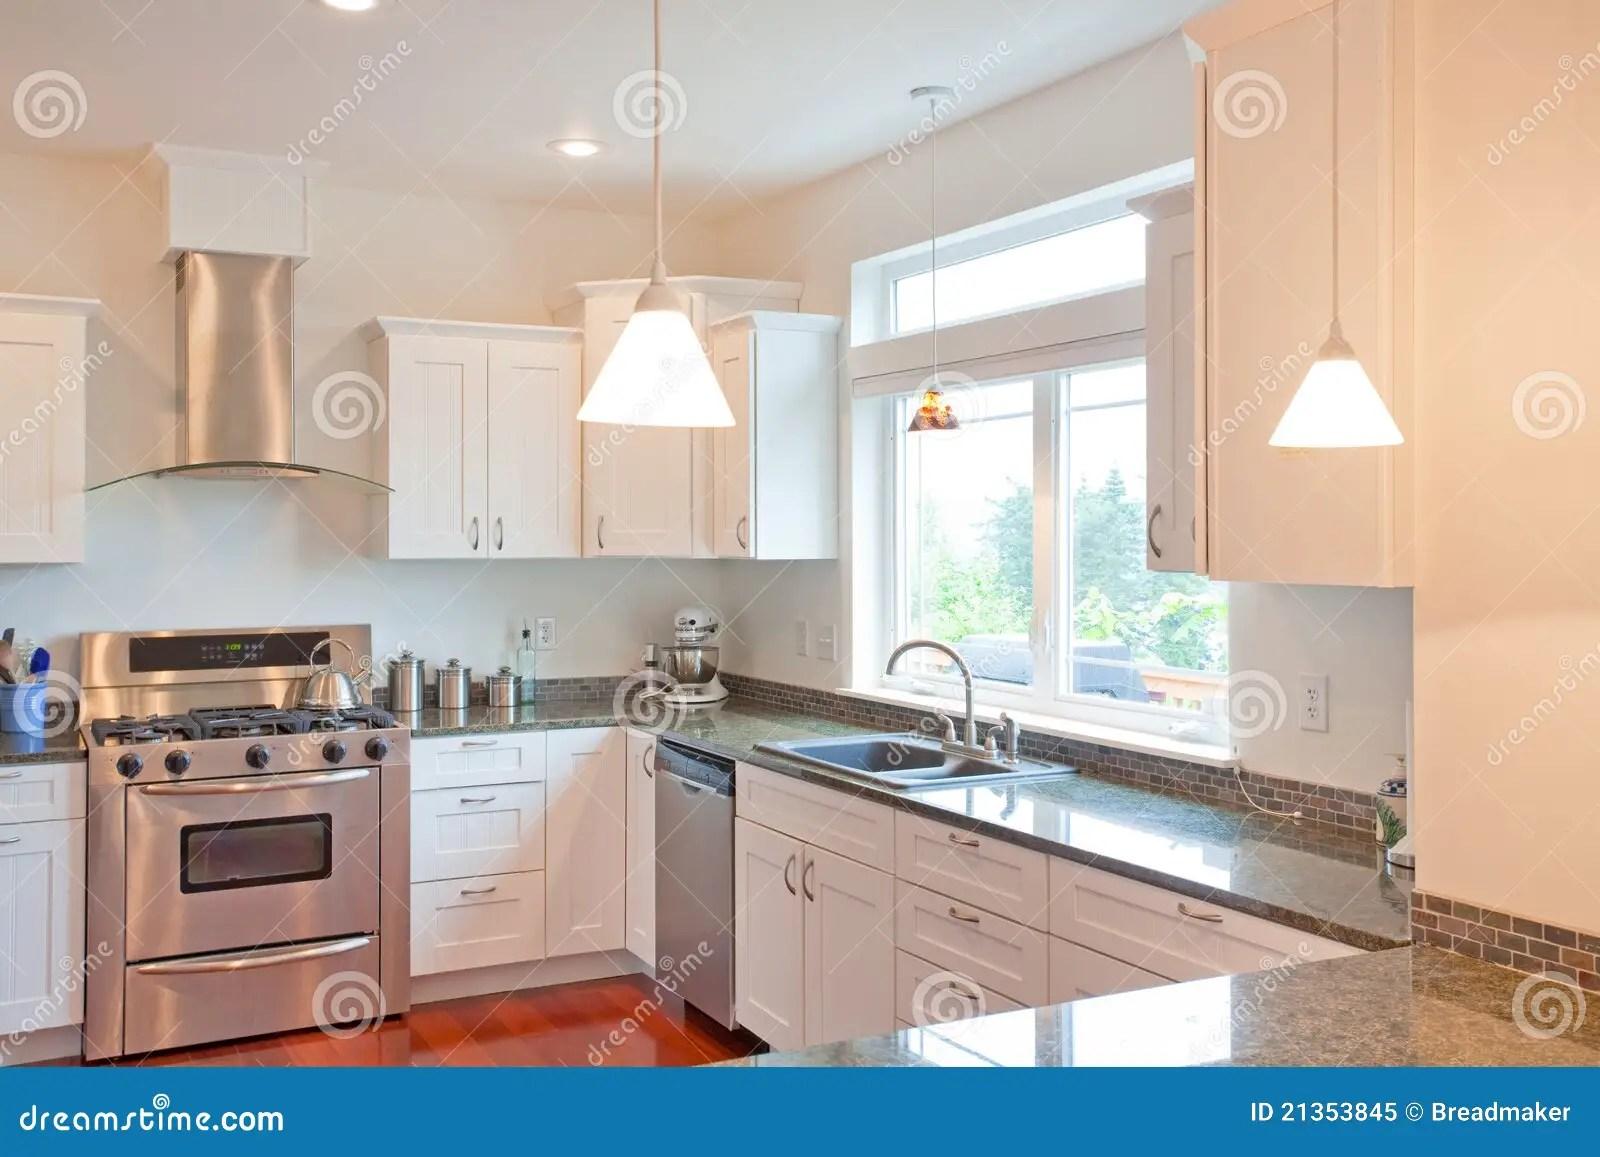 luxury kitchen faucets cost for remodeling 豪华厨房库存图片 图片包括有龙头 豪华 陶瓷 装饰 烤箱 楼层 烹调 华丽厨房和饭厅在豪华新的家